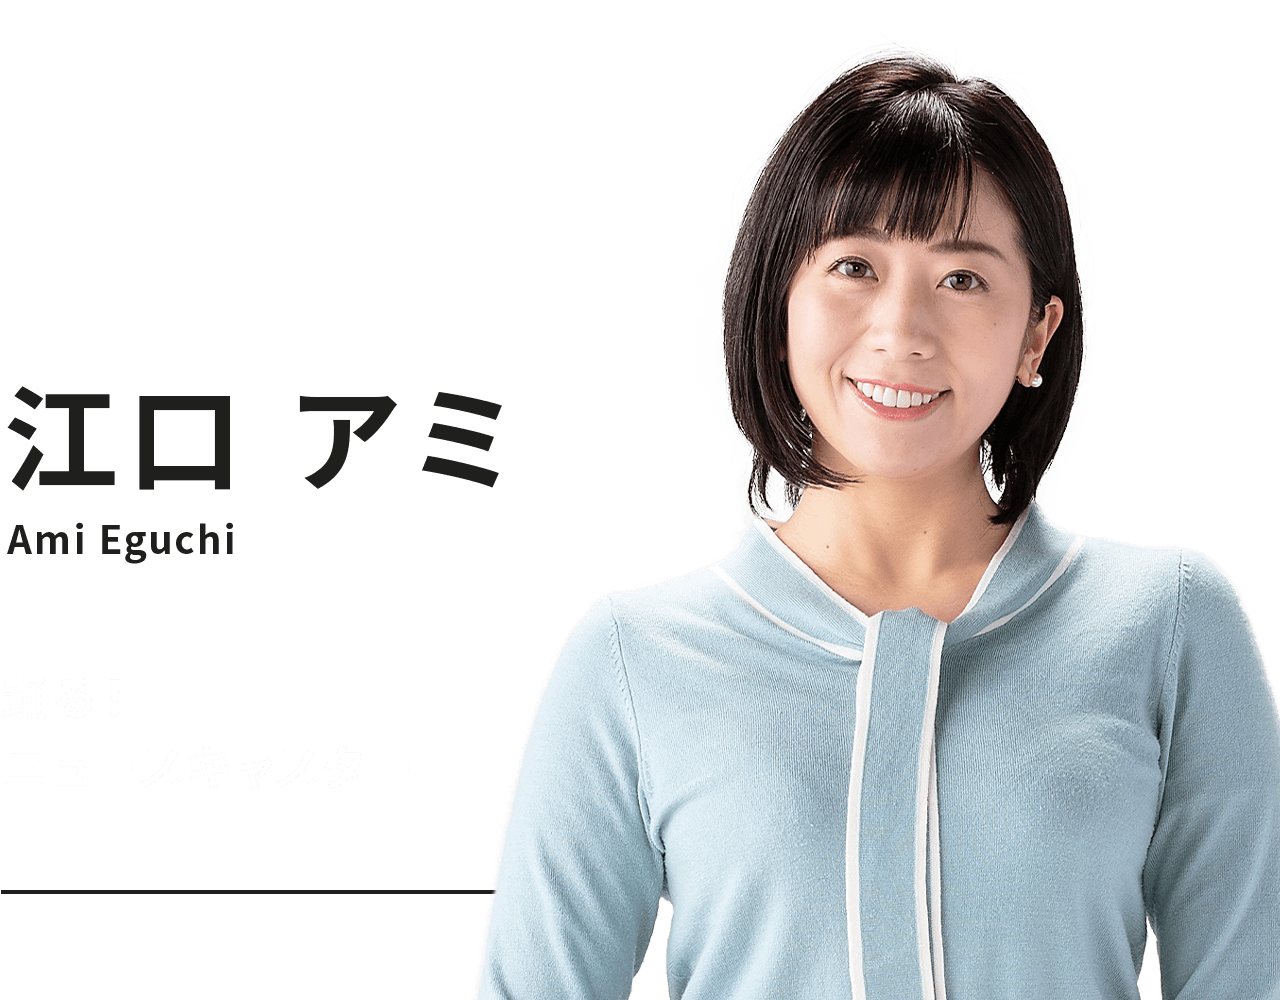 江口 アミのブログ